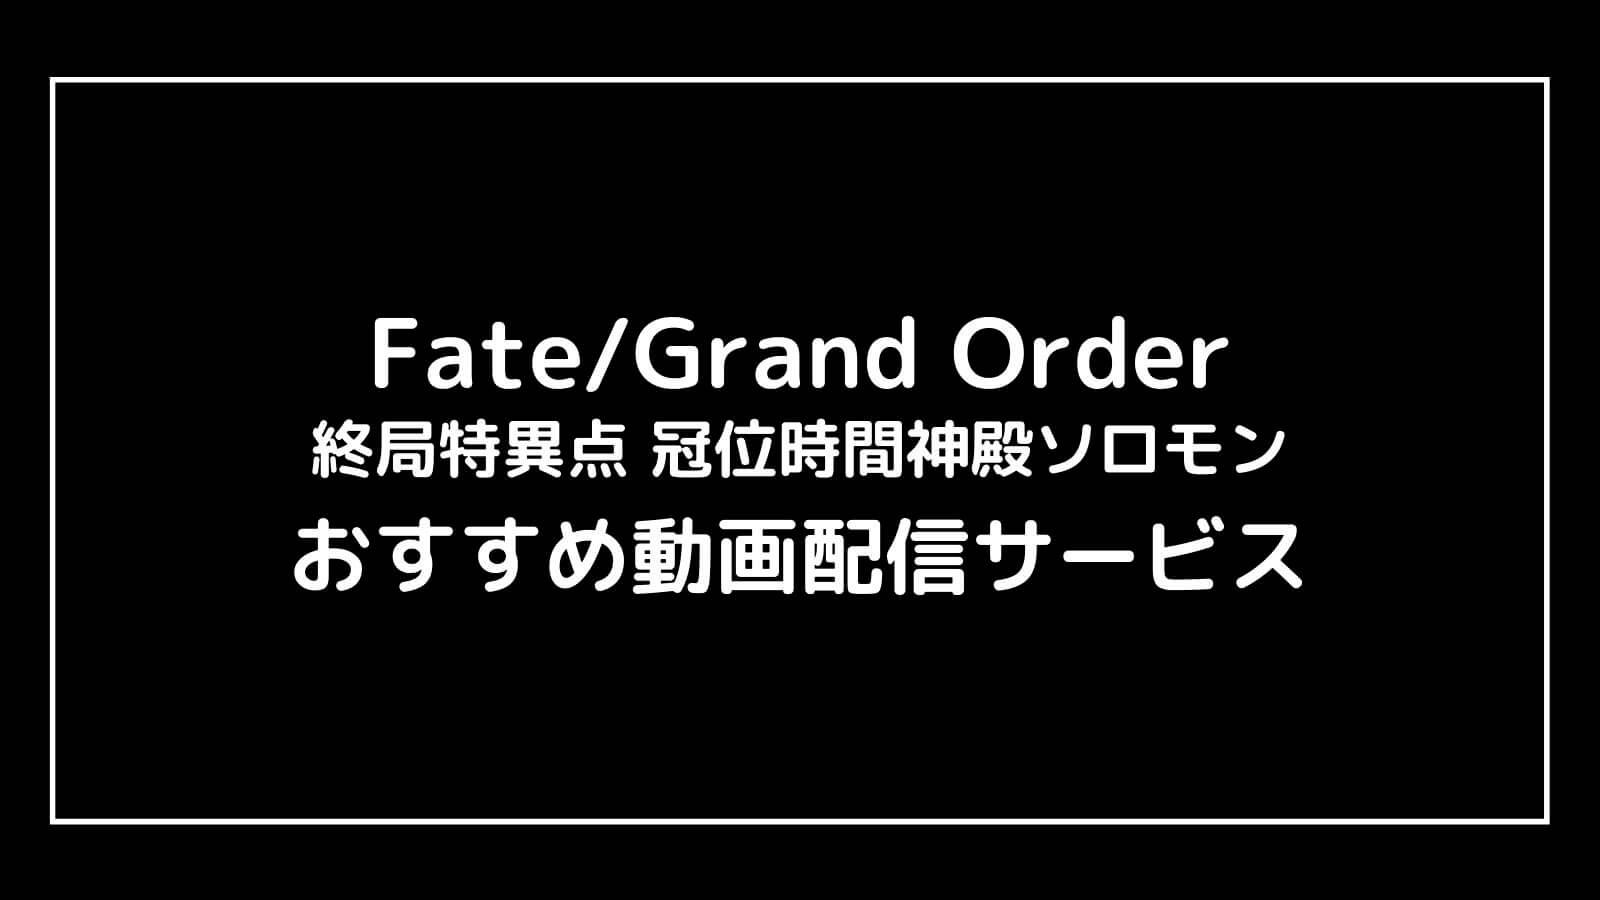 映画『Fate/Grand Order 終局特異点』を無料視聴できる動画配信サービスまとめ【冠位時間神殿ソロモン】